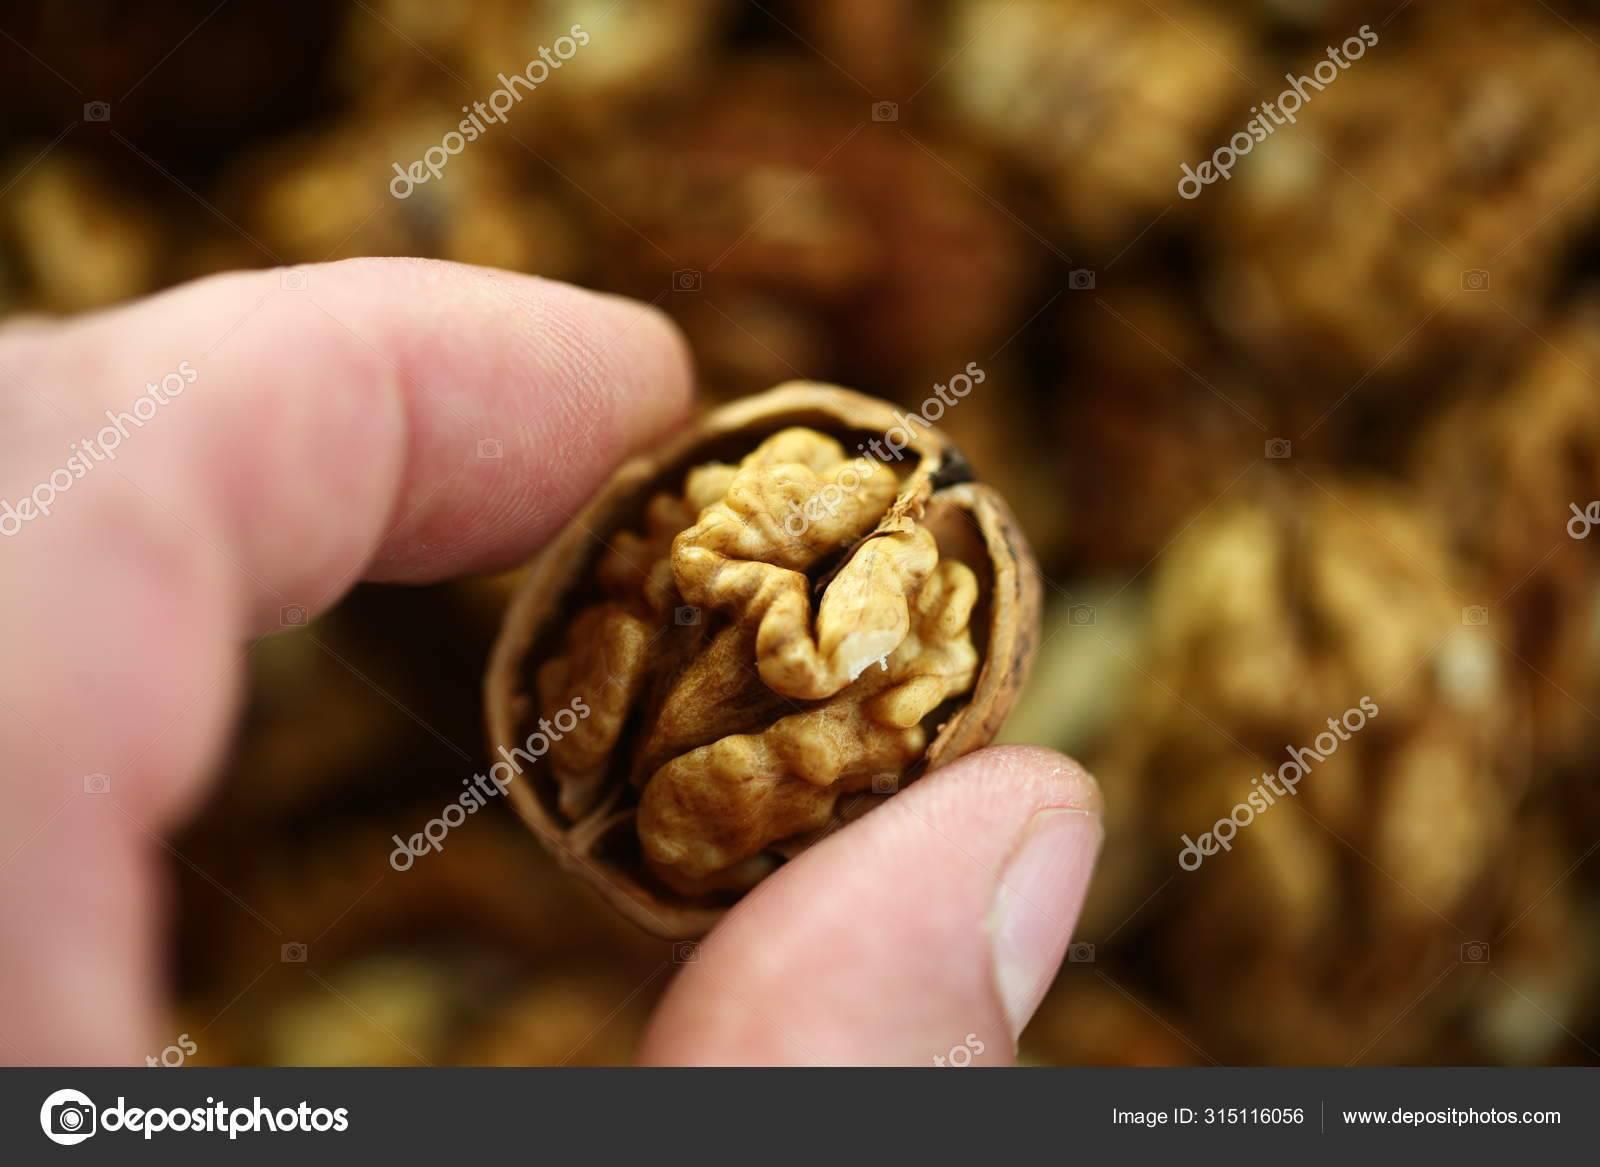 Какие орехи вызывают аллергию? - семейная клиника опора г. екатеринбург